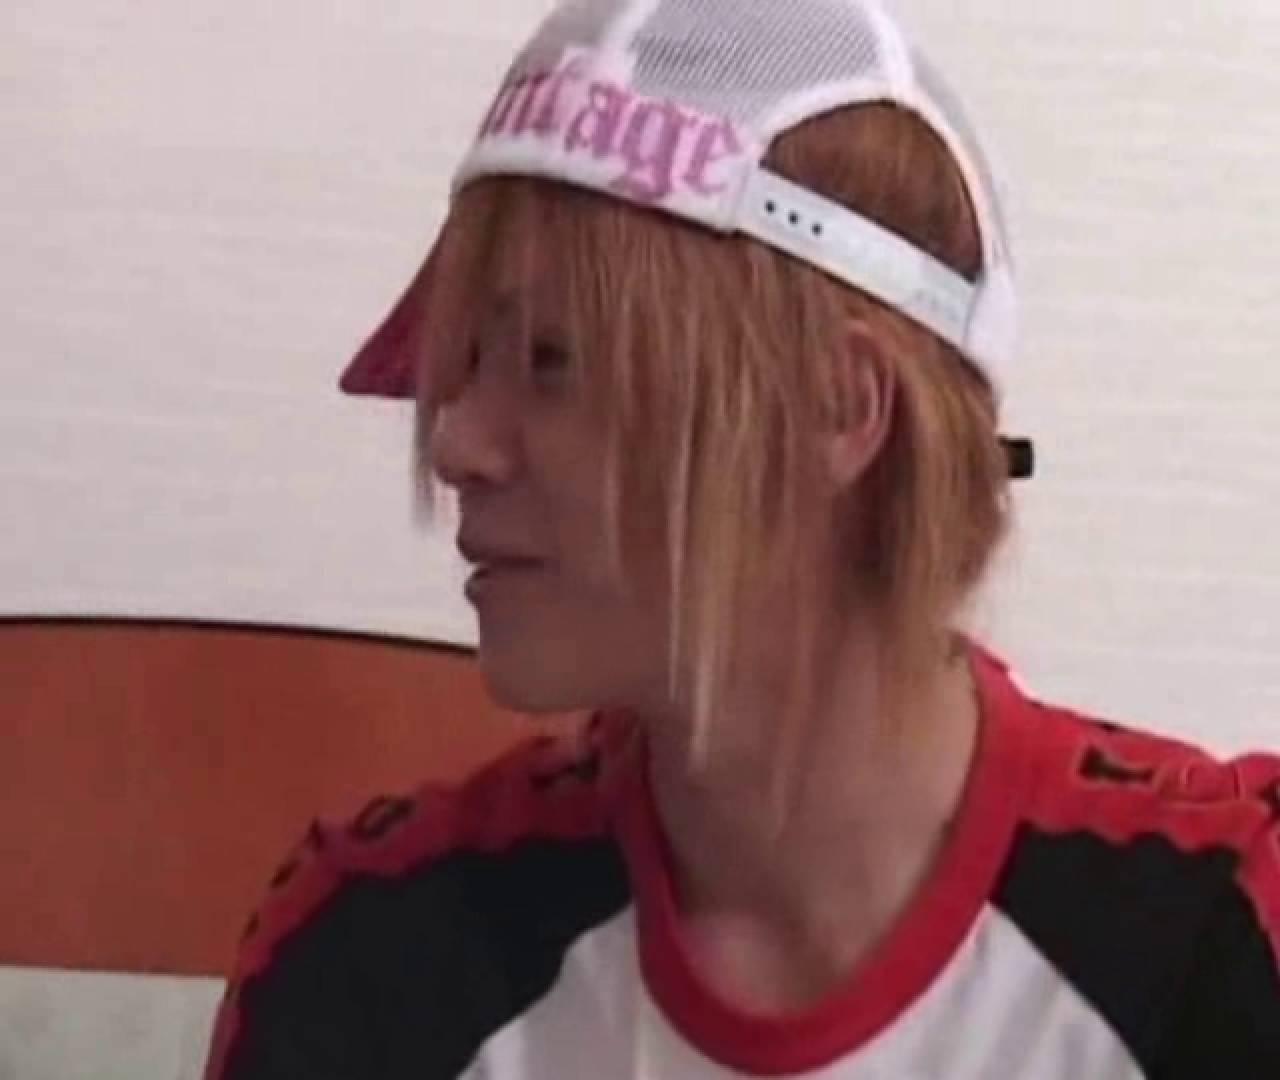 大集合!!カッコ可愛いメンズの一穴入根!!.VOL95 エロ動画 ゲイセックス画像 116枚 1